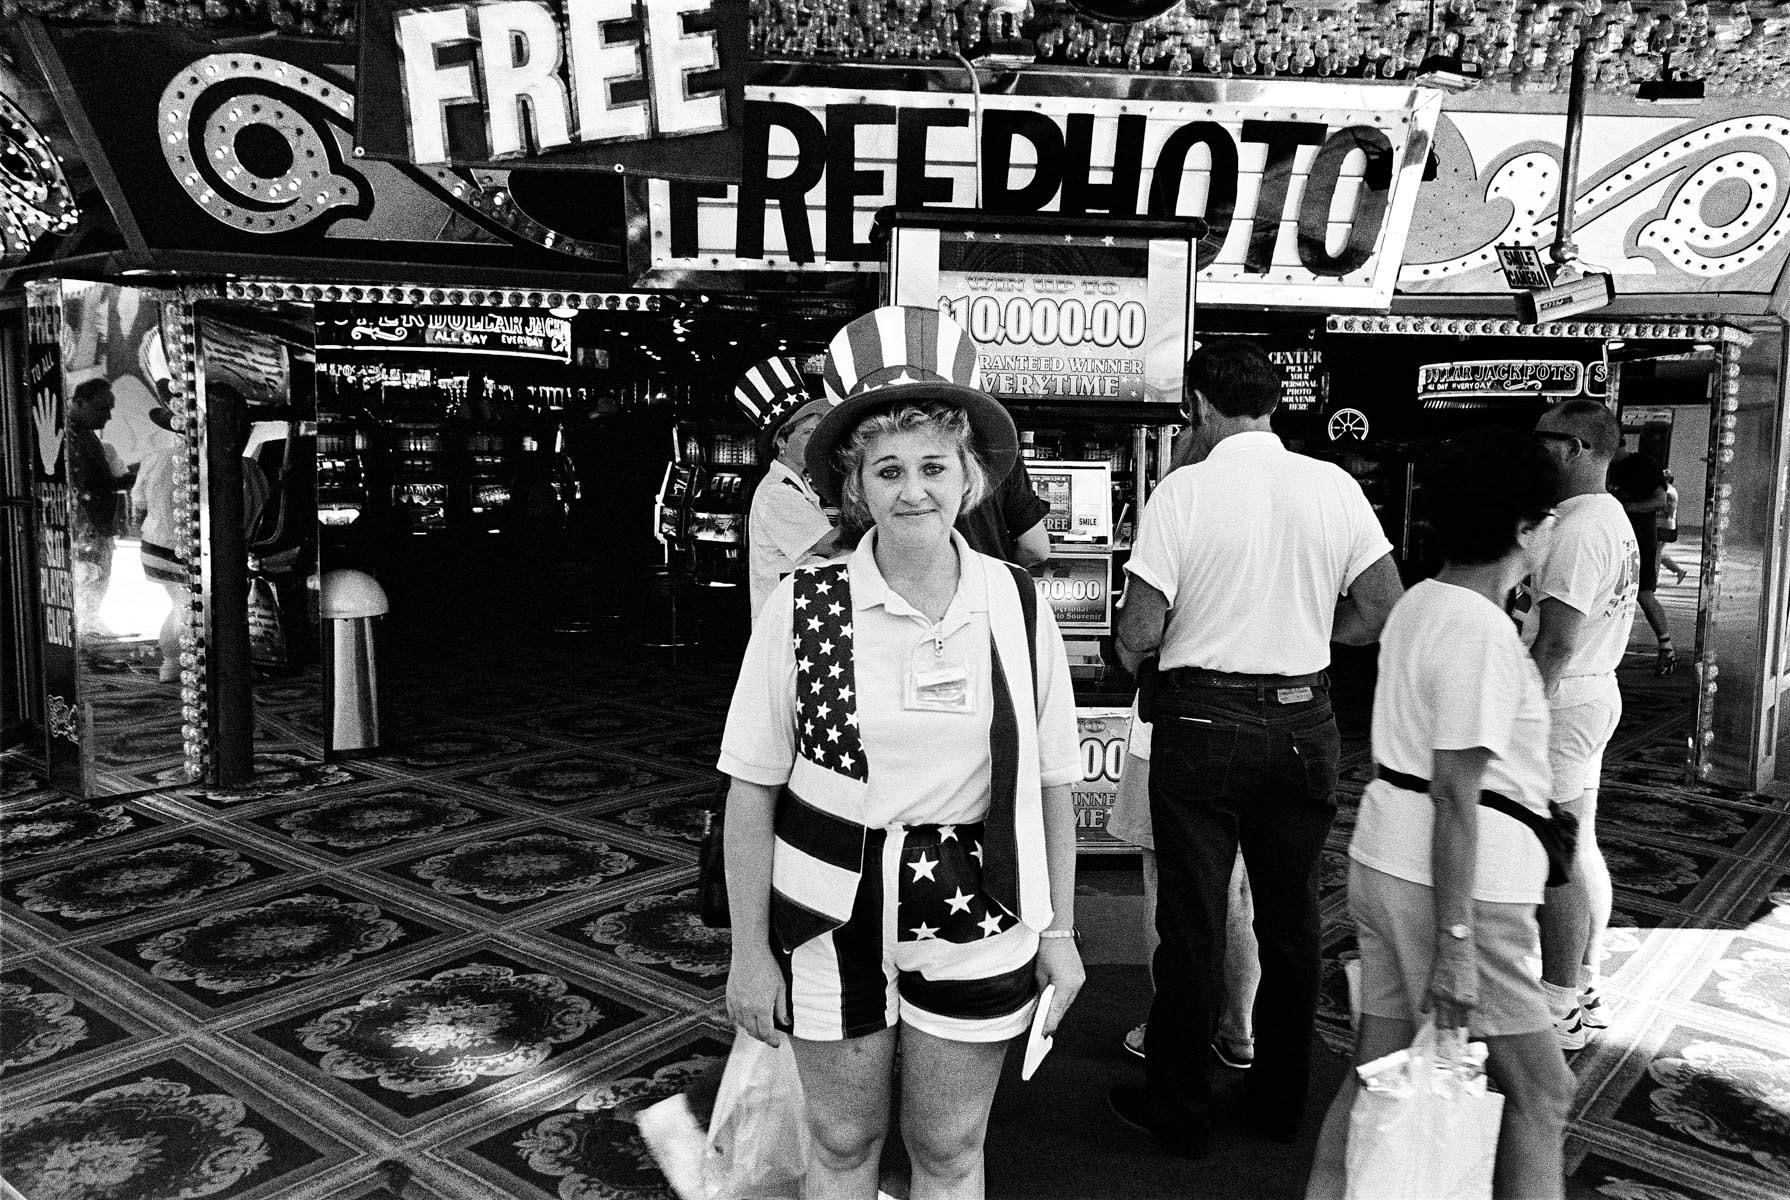 Freemont St., Las Vegas, NV, 1996